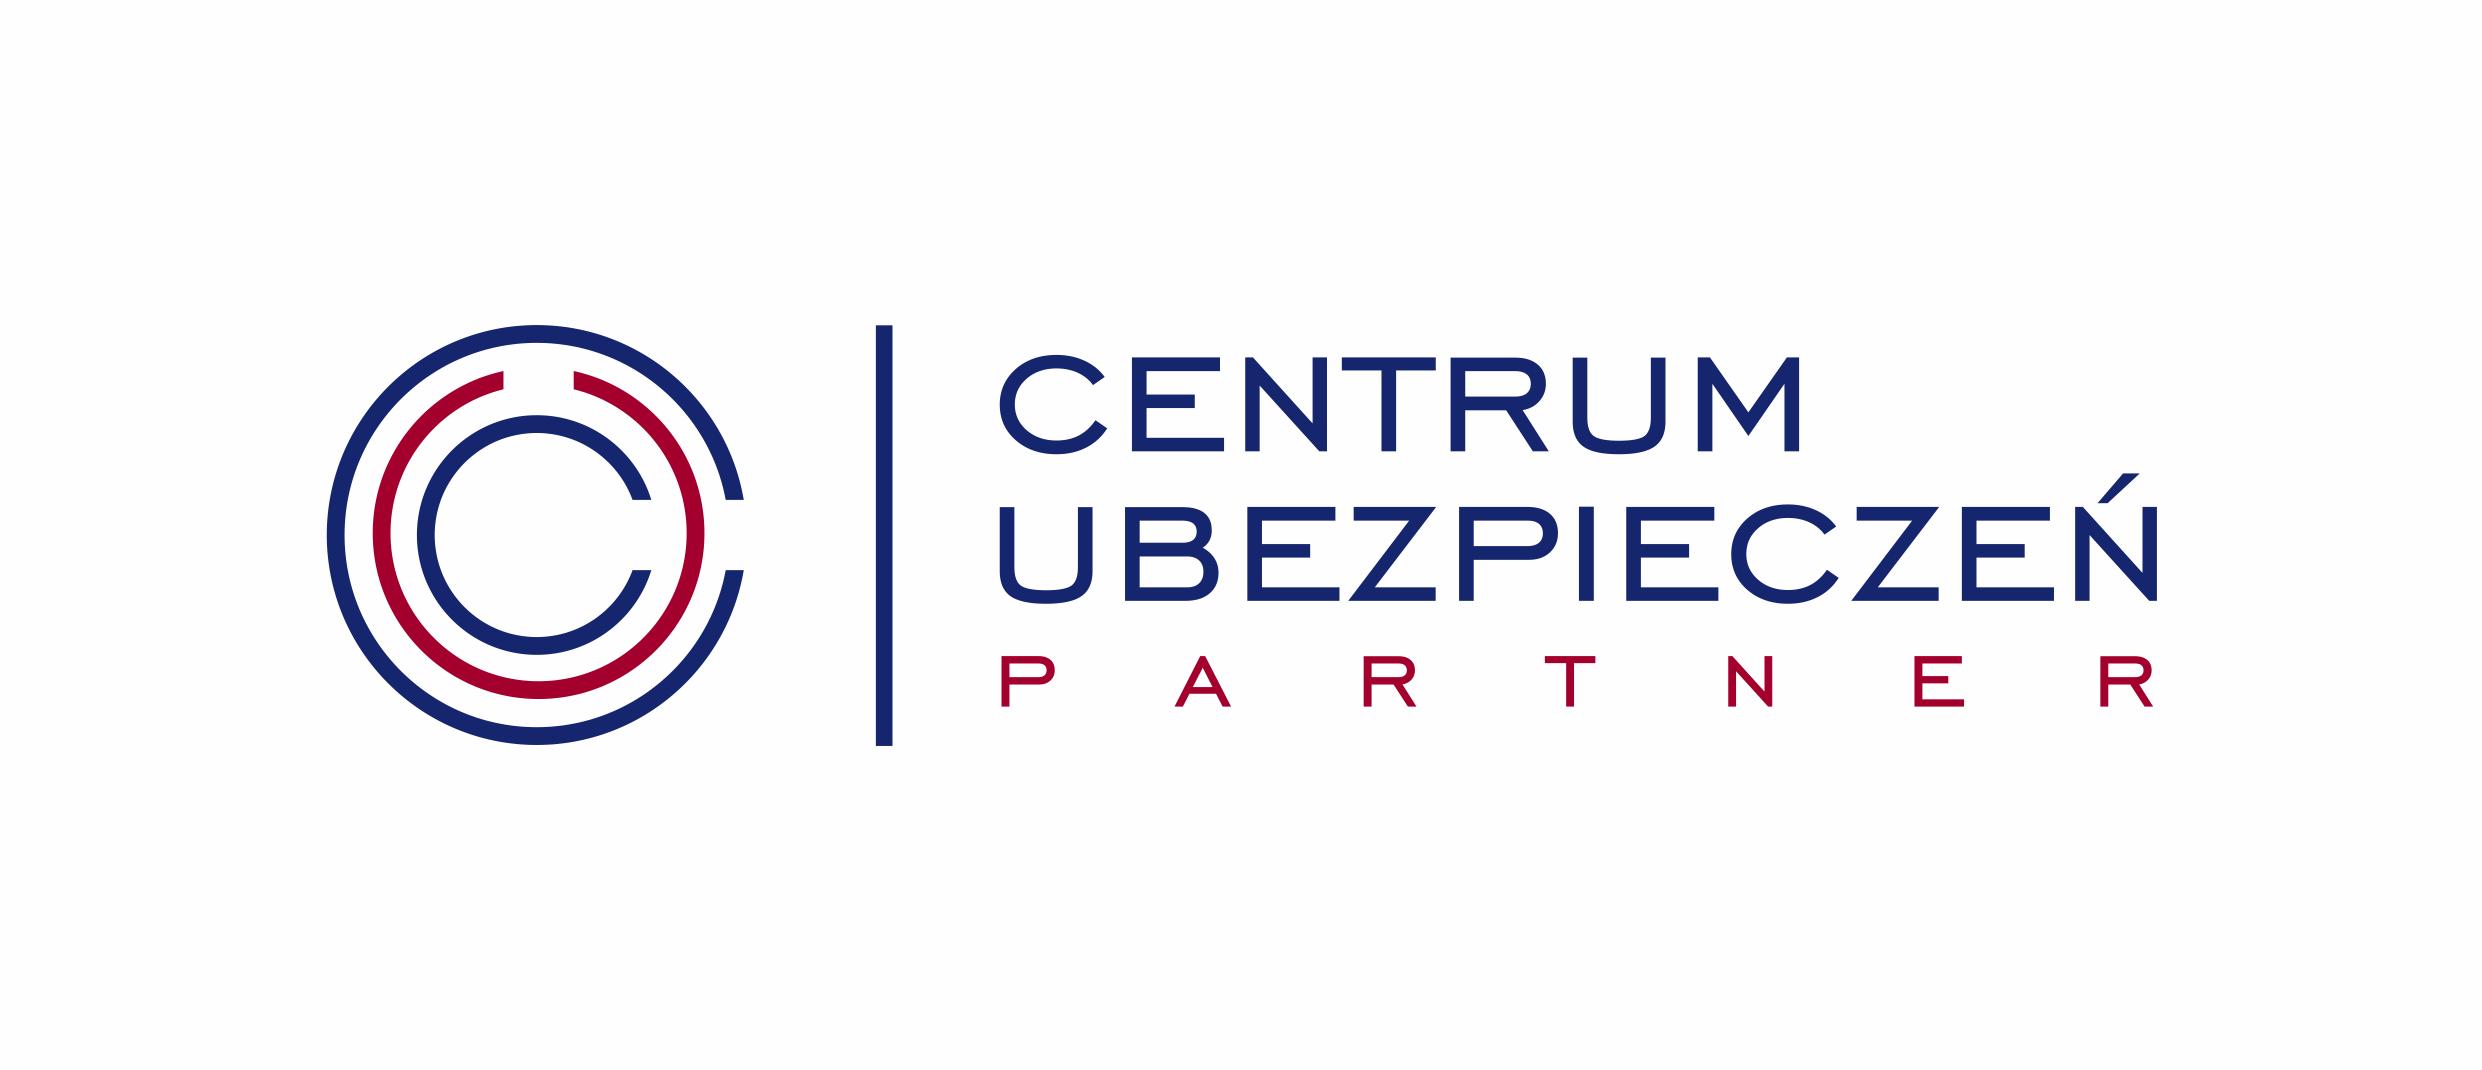 Centrum Ubezpieczeń Partner